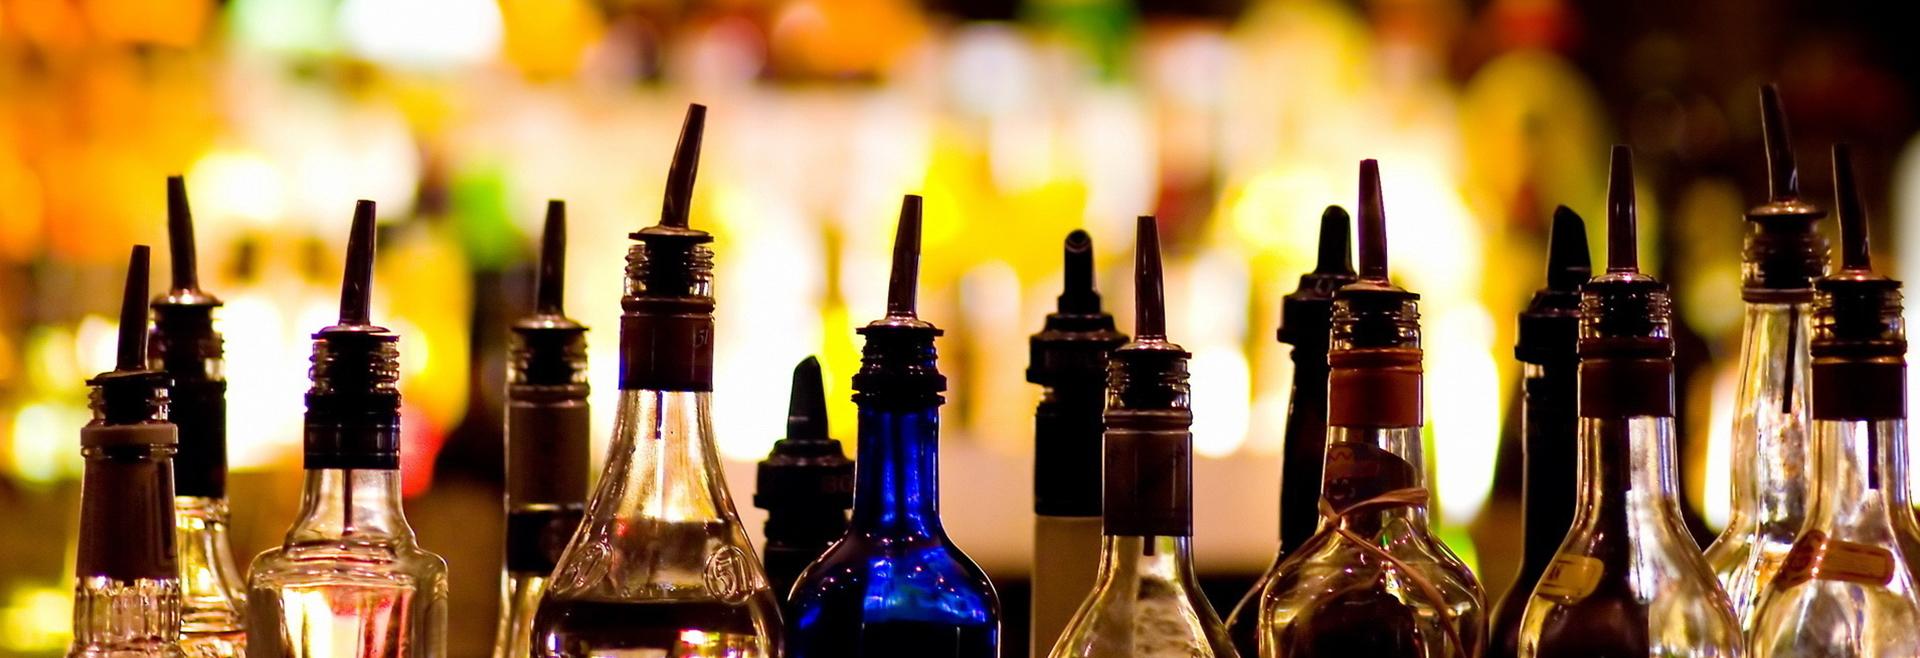 bailey s bartending service atlanta georgia services